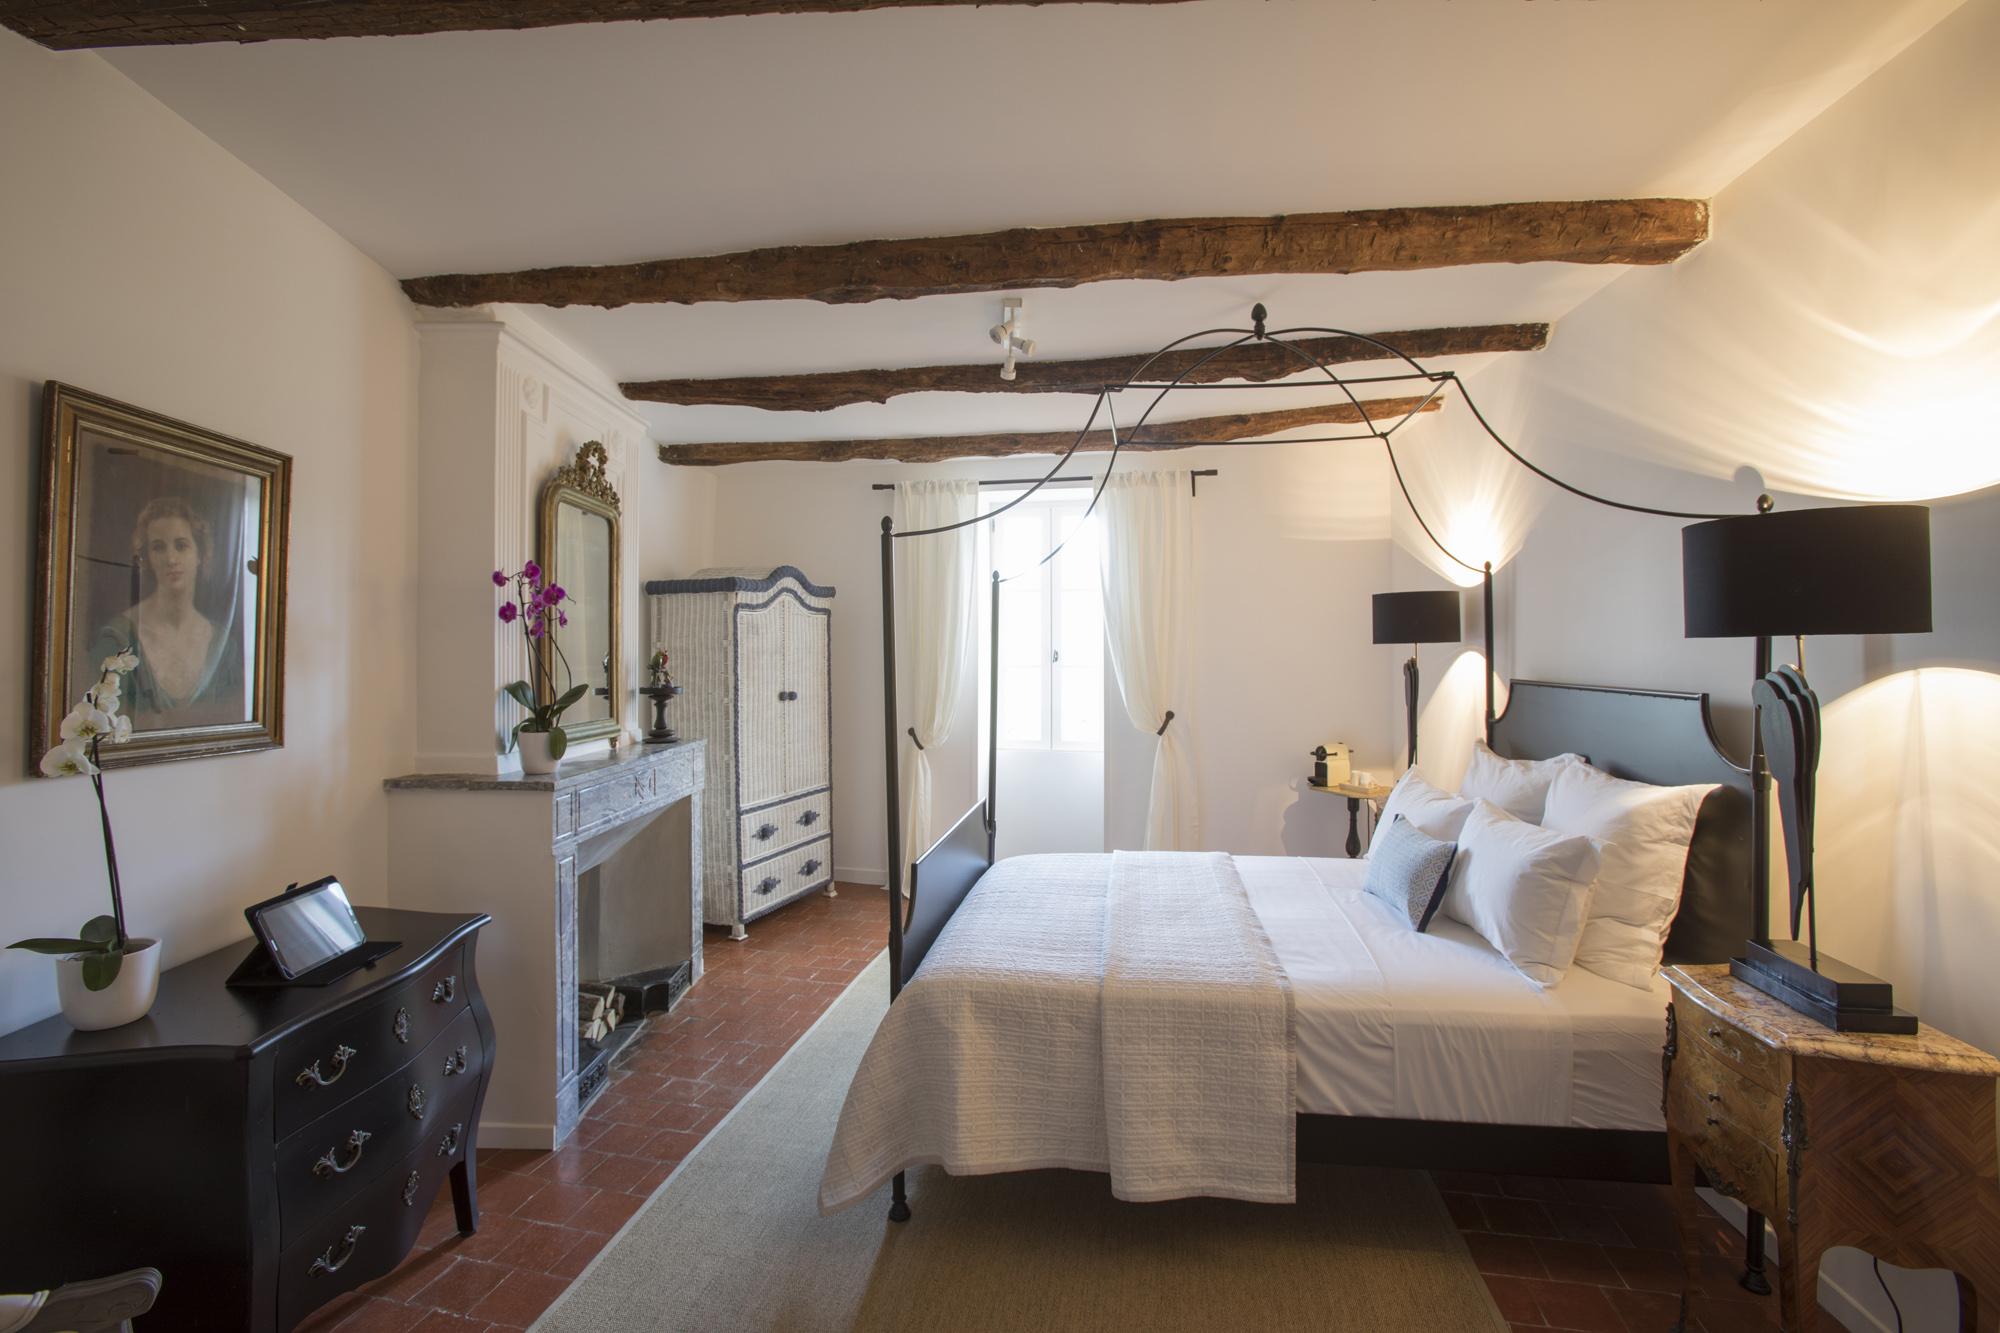 - 5 luxuriöse Zimmer / SuitenIndividuell mit Stil eingerichtet und freiem Blick auf die Umgebung